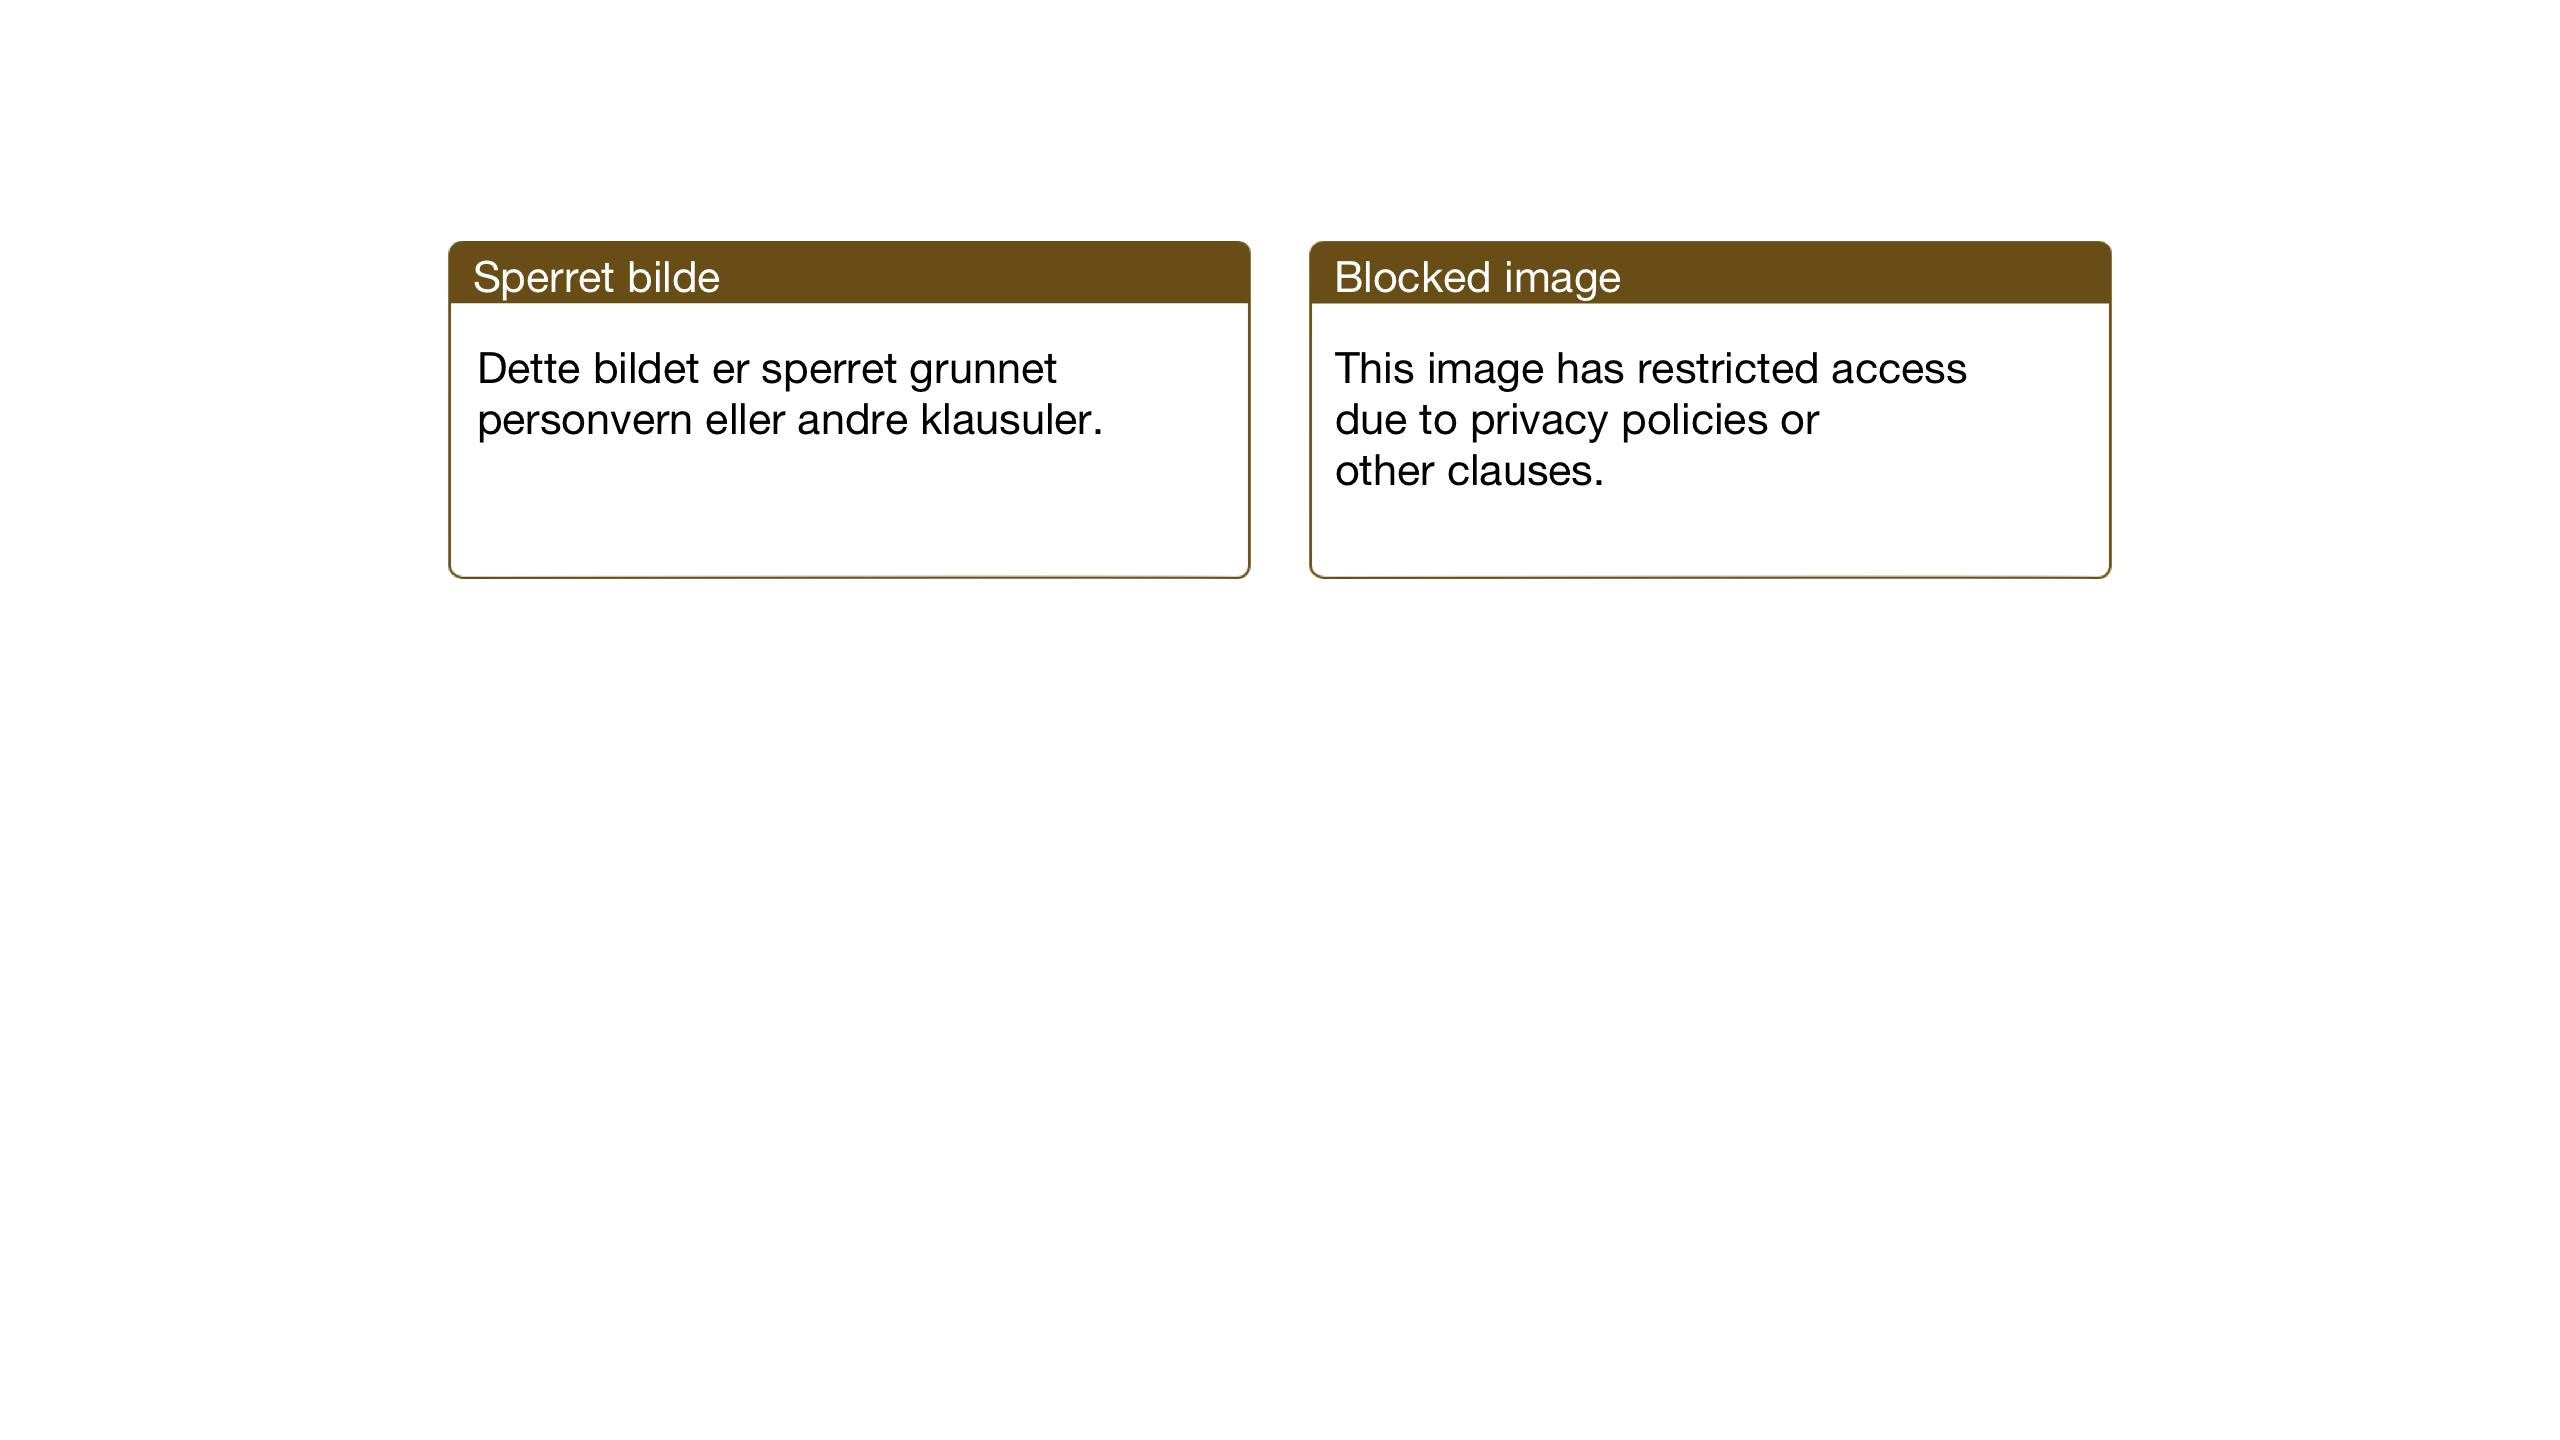 SAT, Ministerialprotokoller, klokkerbøker og fødselsregistre - Nord-Trøndelag, 732/L0319: Klokkerbok nr. 732C03, 1911-1945, s. 46